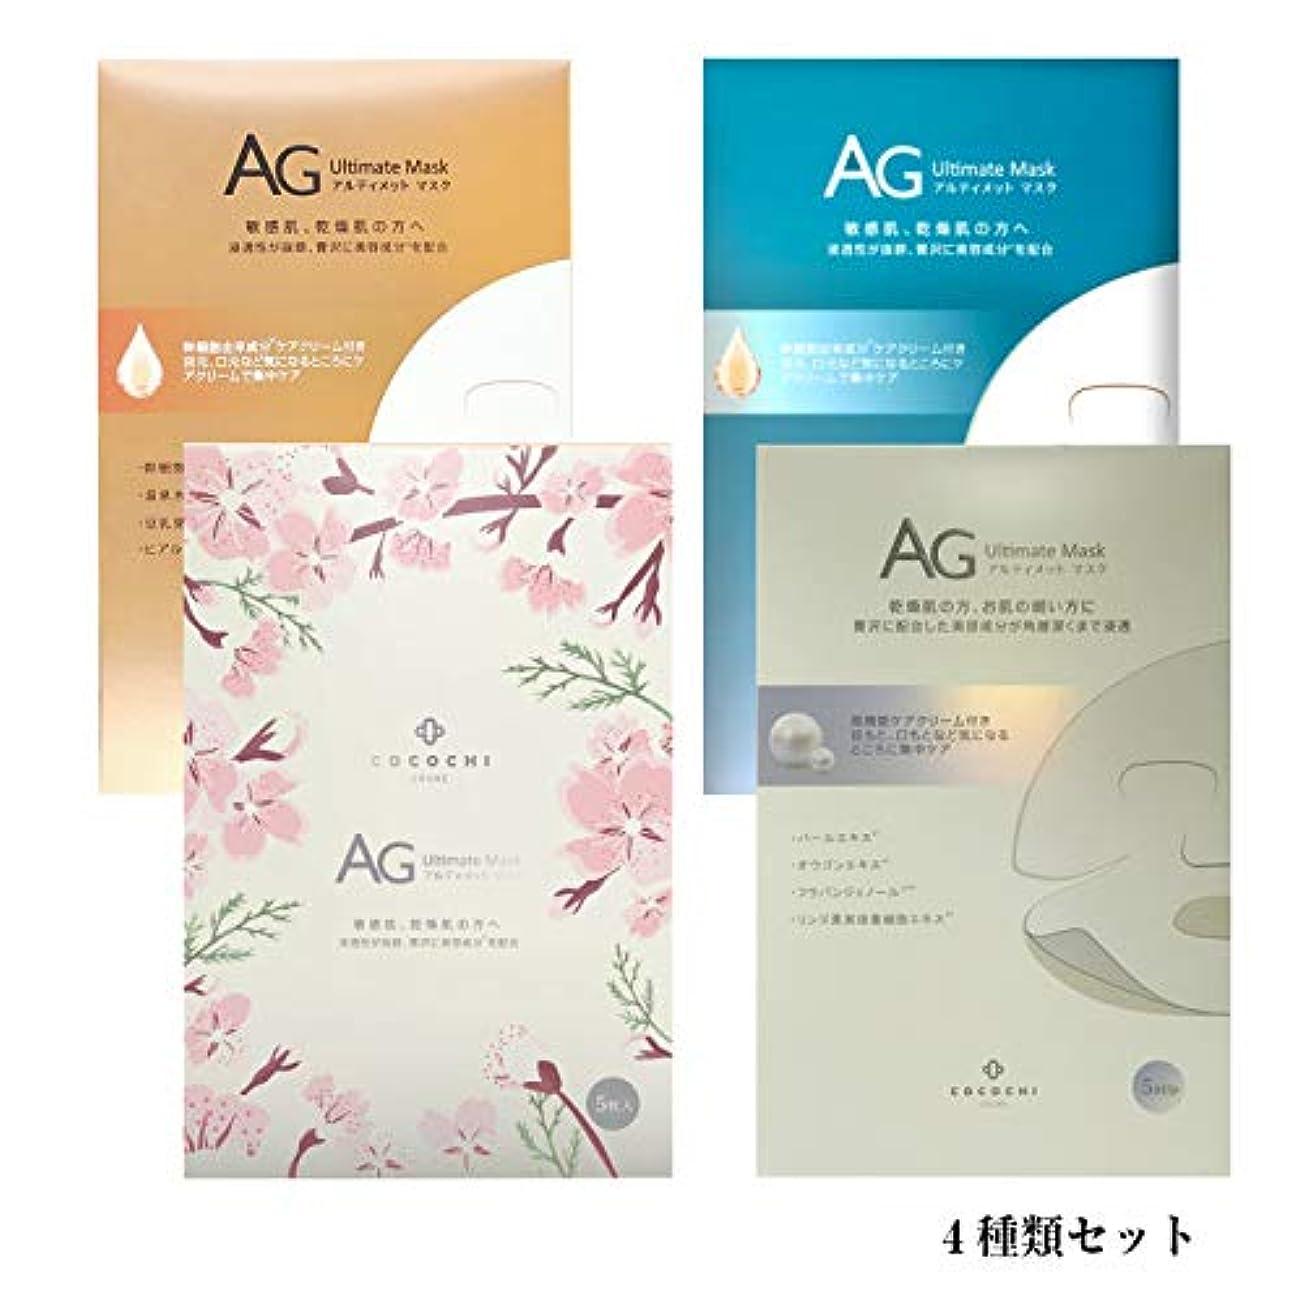 ラフ商業の怠なAGアルティメットマスク 4種類セット AG アルティメットマスク/オーシャンマスク/さくら/アコヤ真珠マスク